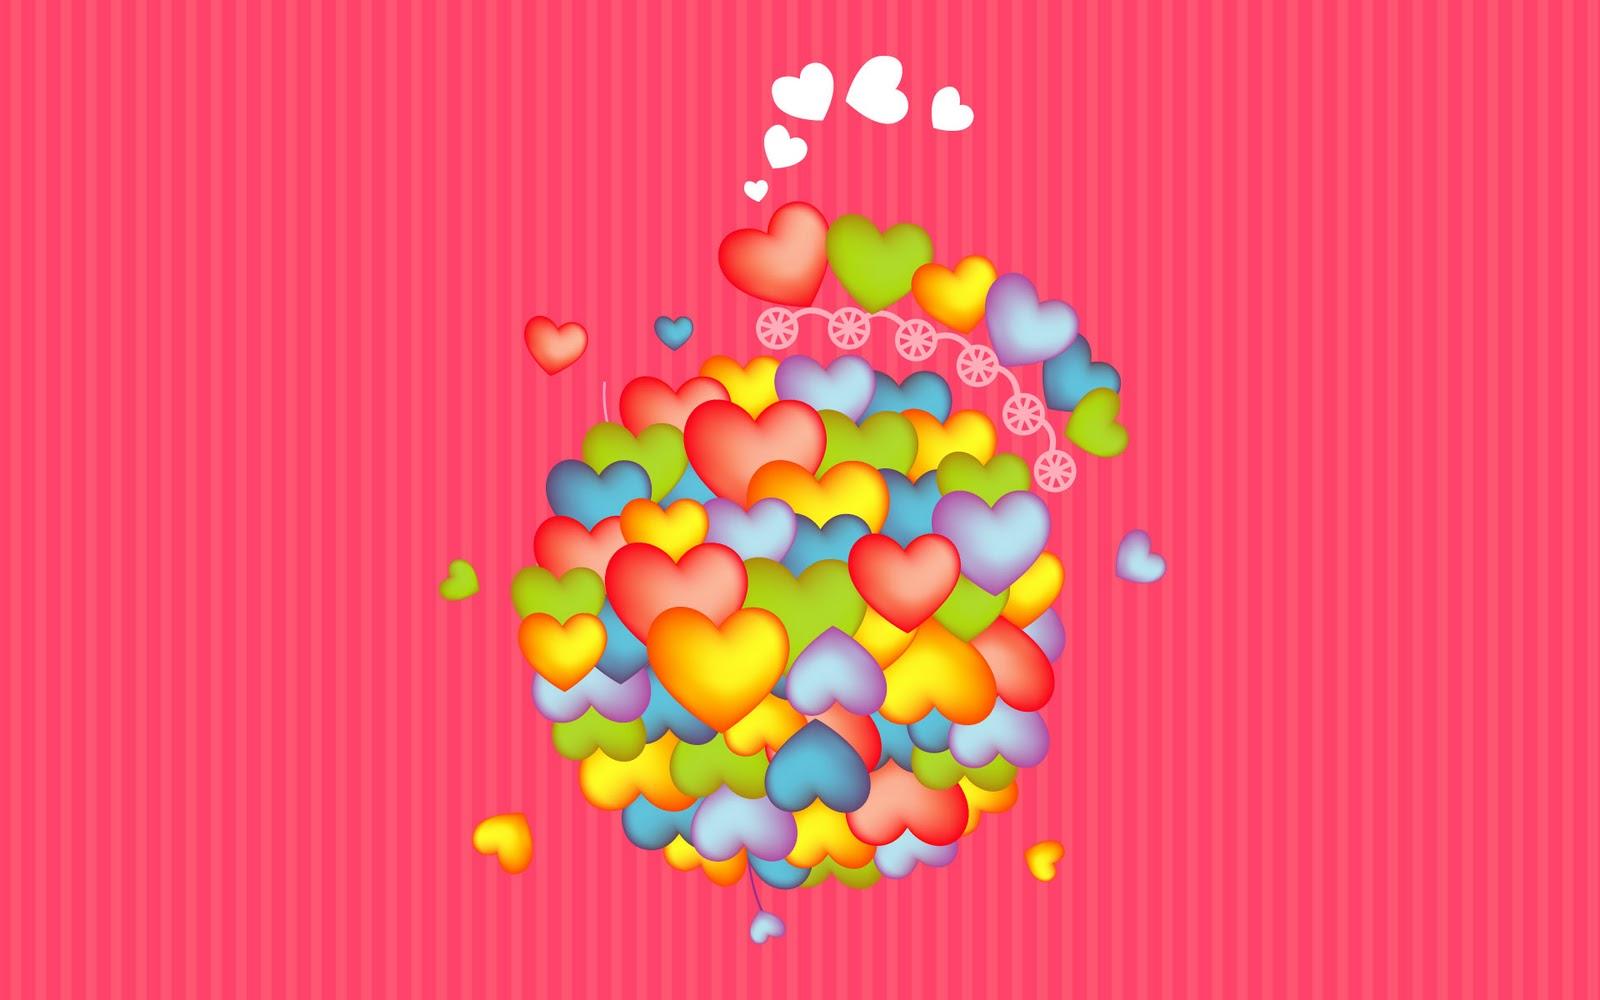 free download valentine screensavers stills download valentine 1600x1000